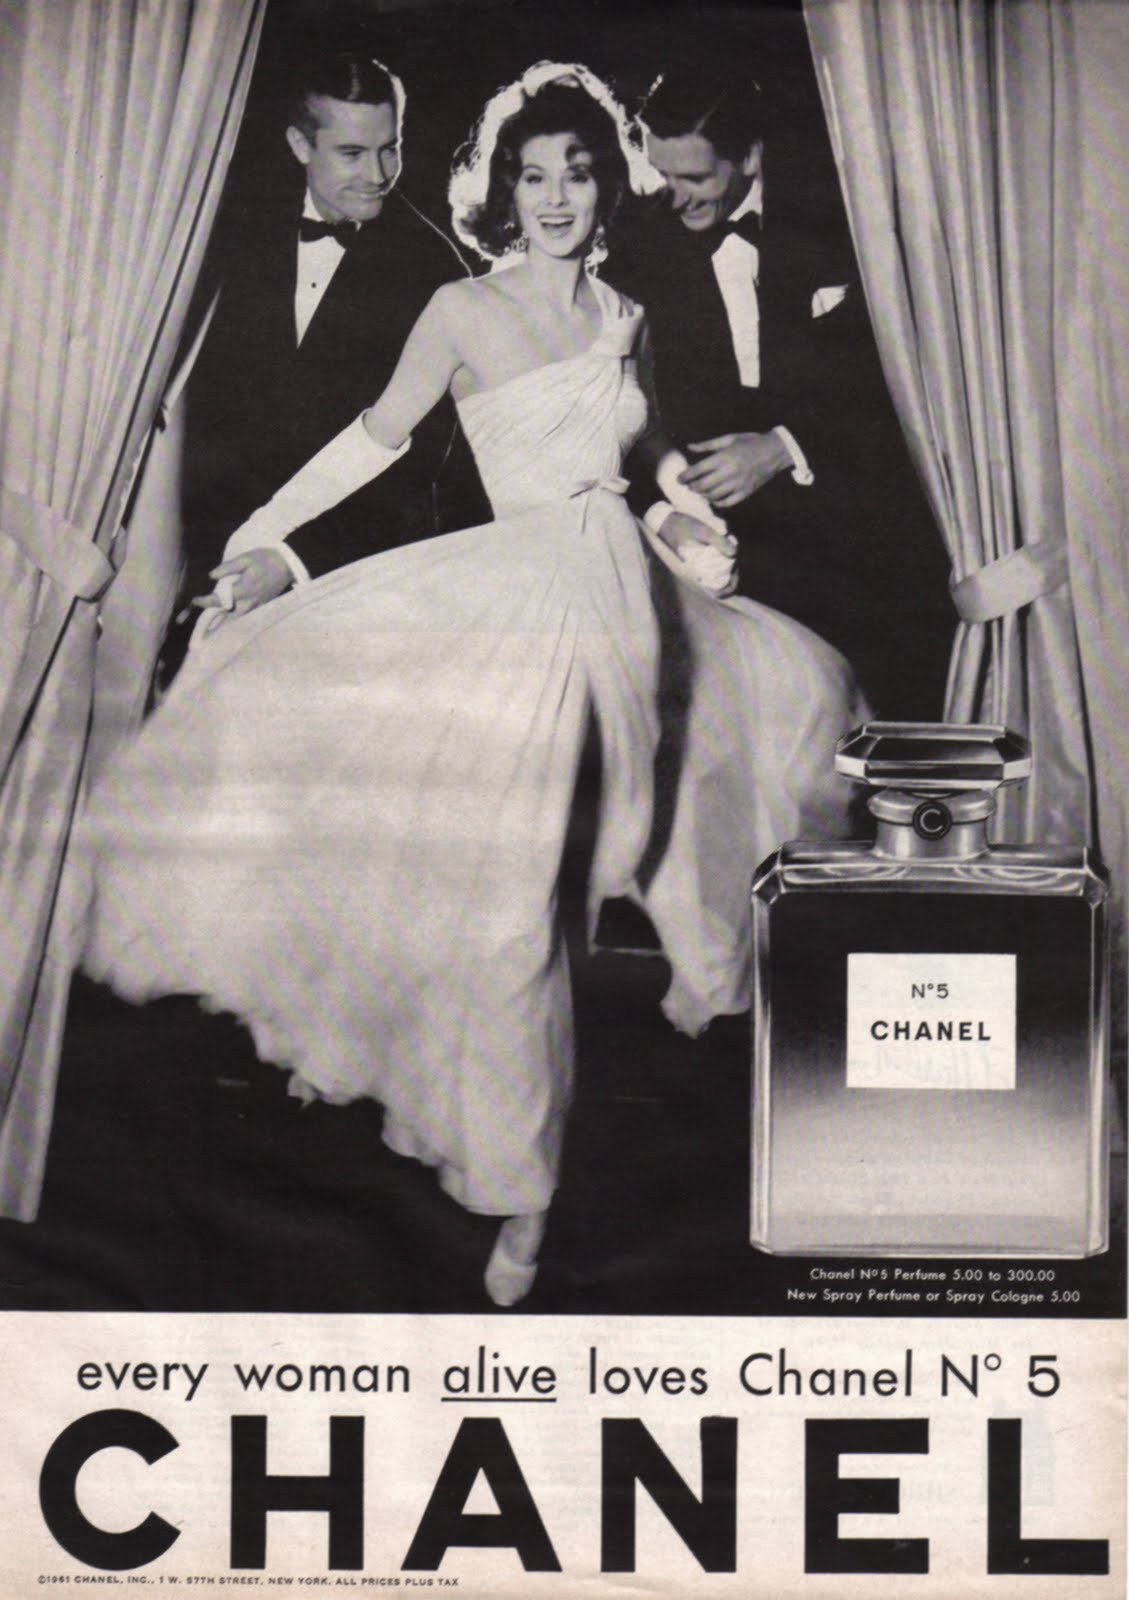 Coco Chanel: Từ ca sĩ phòng trà đến nhà thiết kế thời trang huyền thoại, là bóng hồng của bao người lỗi lạc nhưng mãi cô đơn đến cuối đời - Ảnh 5.